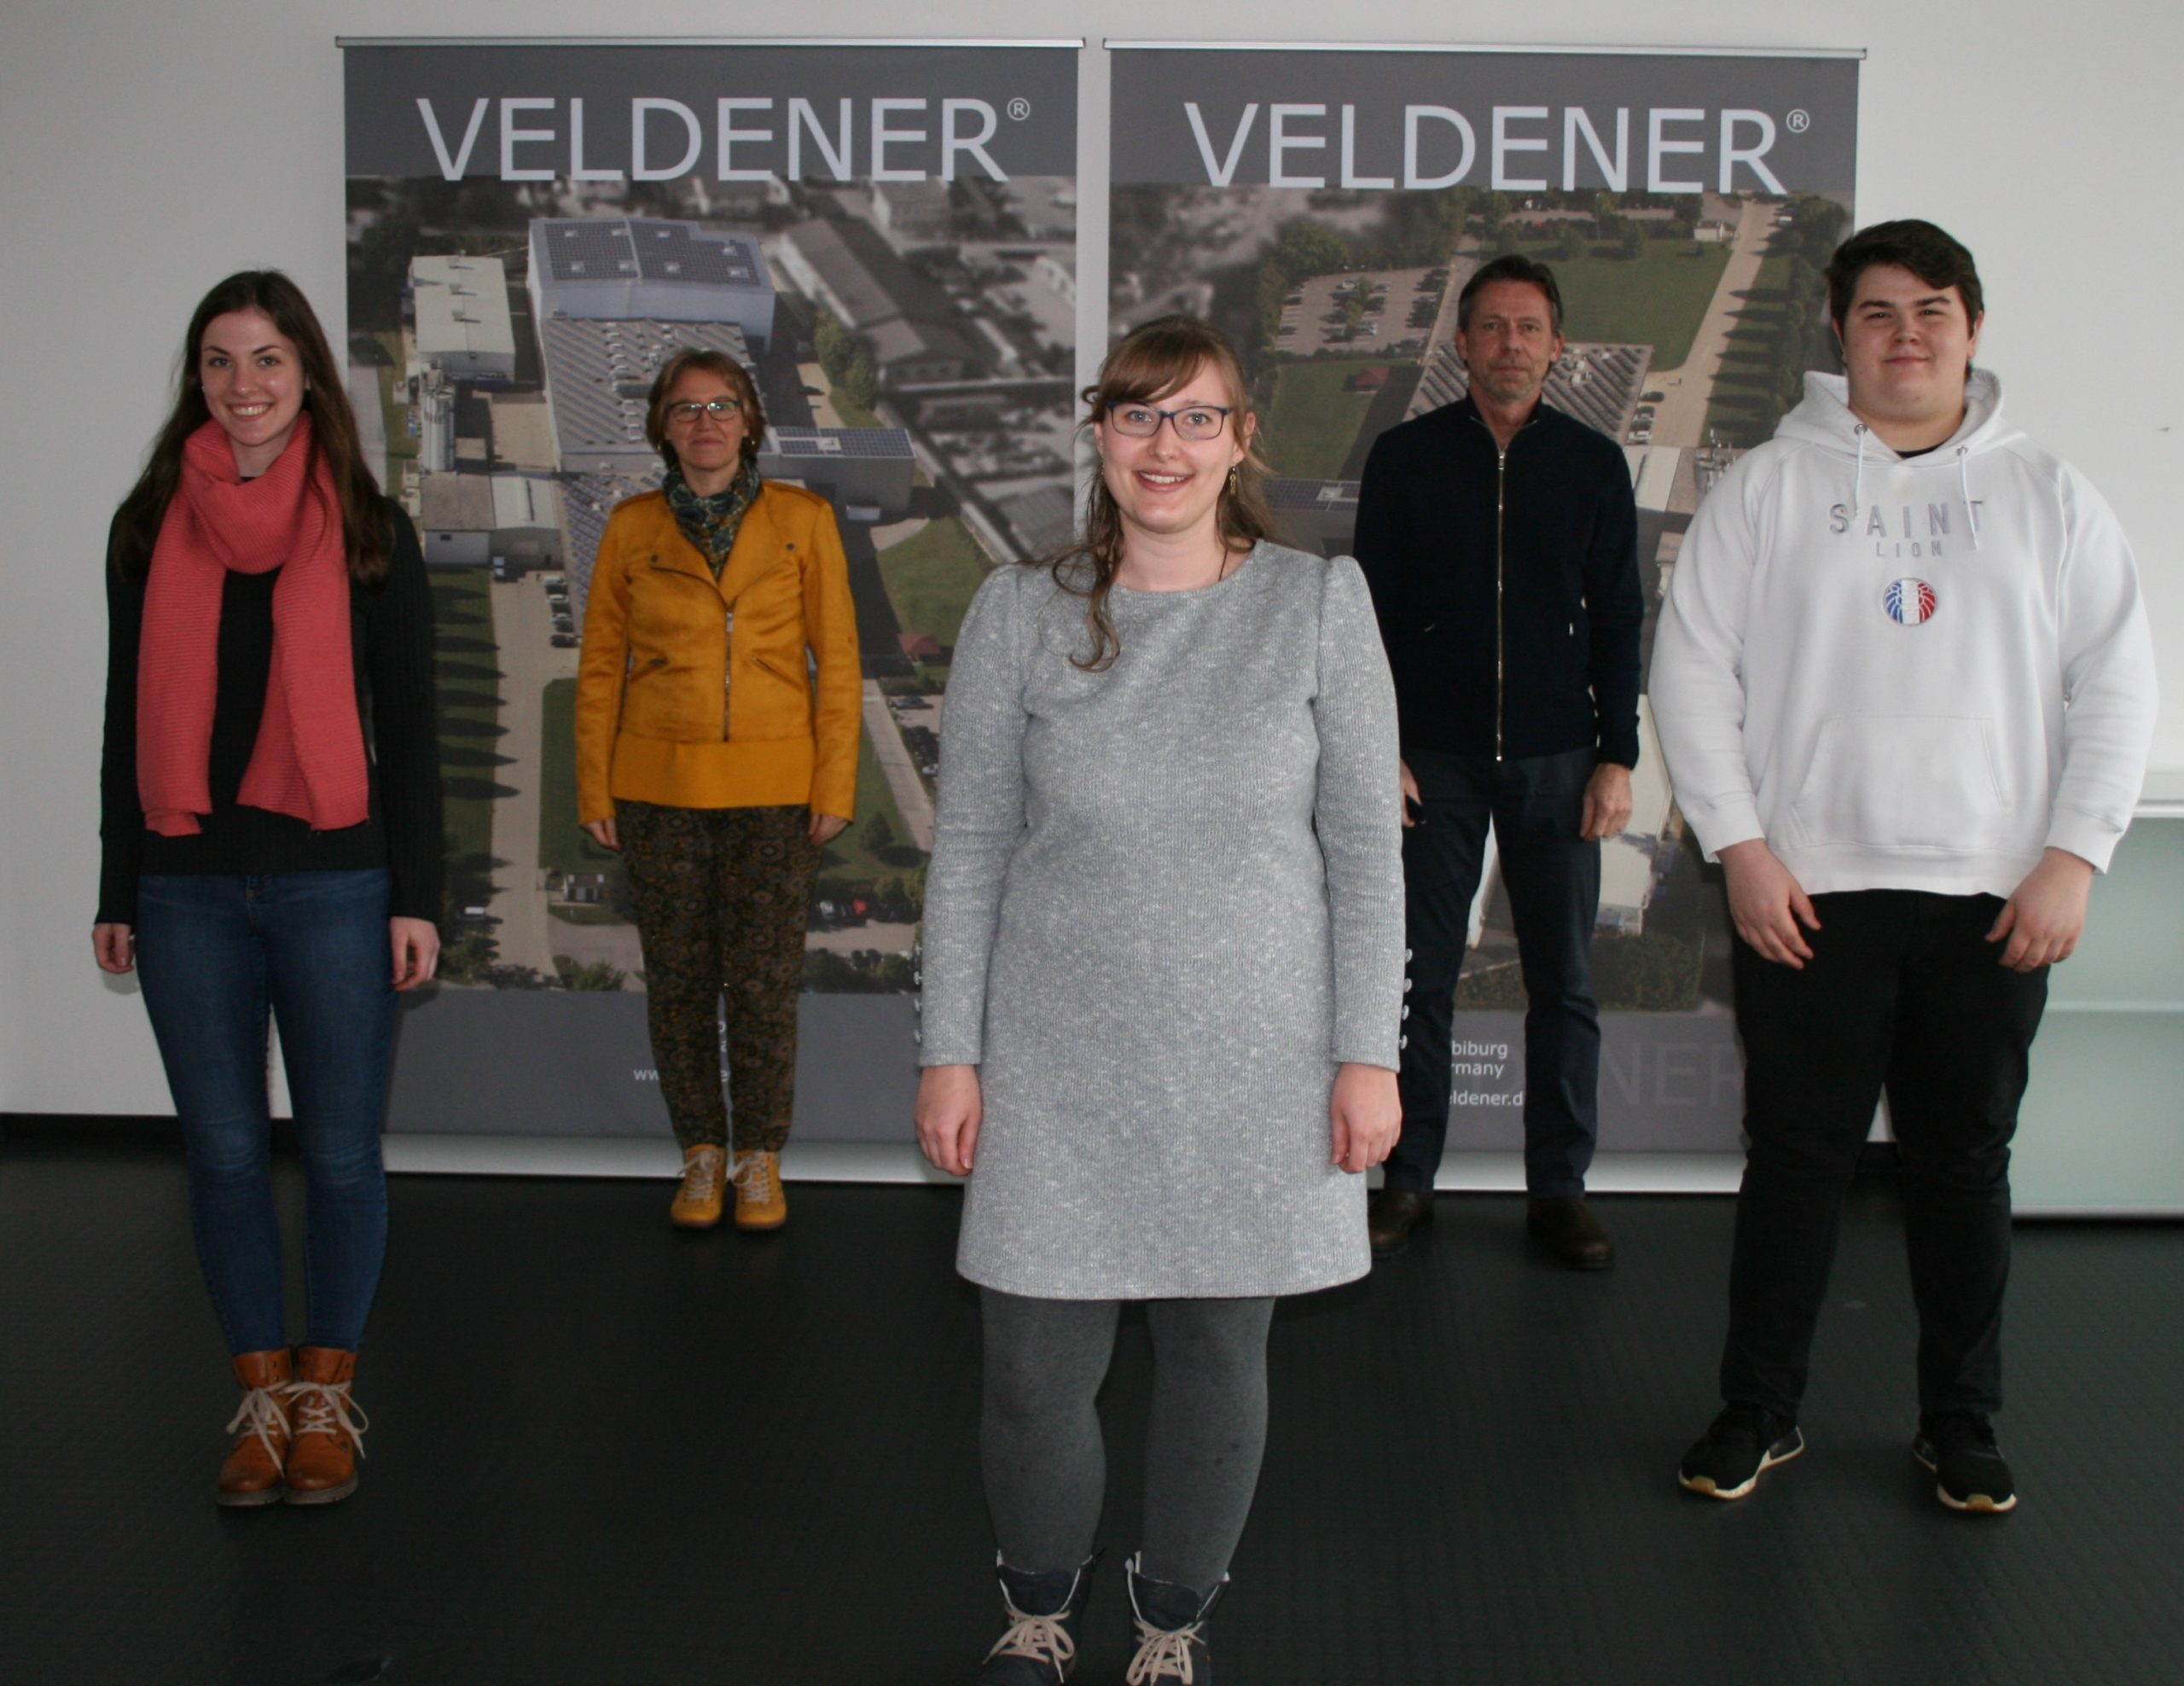 Auf dem Bild von Links nach Rechts: Franziska Königbauer, Andrea Ostermaier, Anya Ulrich, Hans-Peter Späth und Lukas Heindl